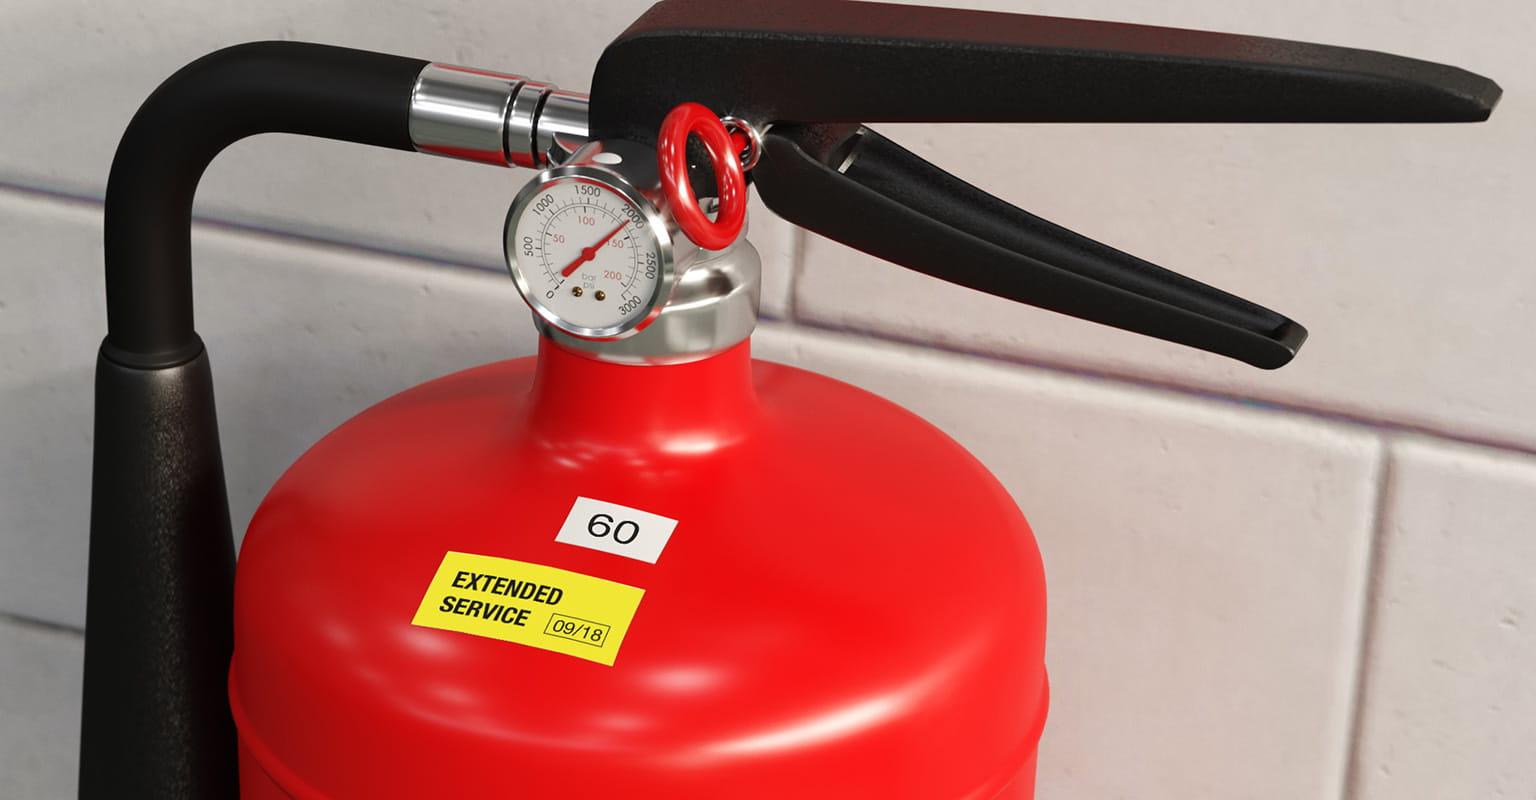 Naljepnica Brother P-touch na aparatu za gašenje požara